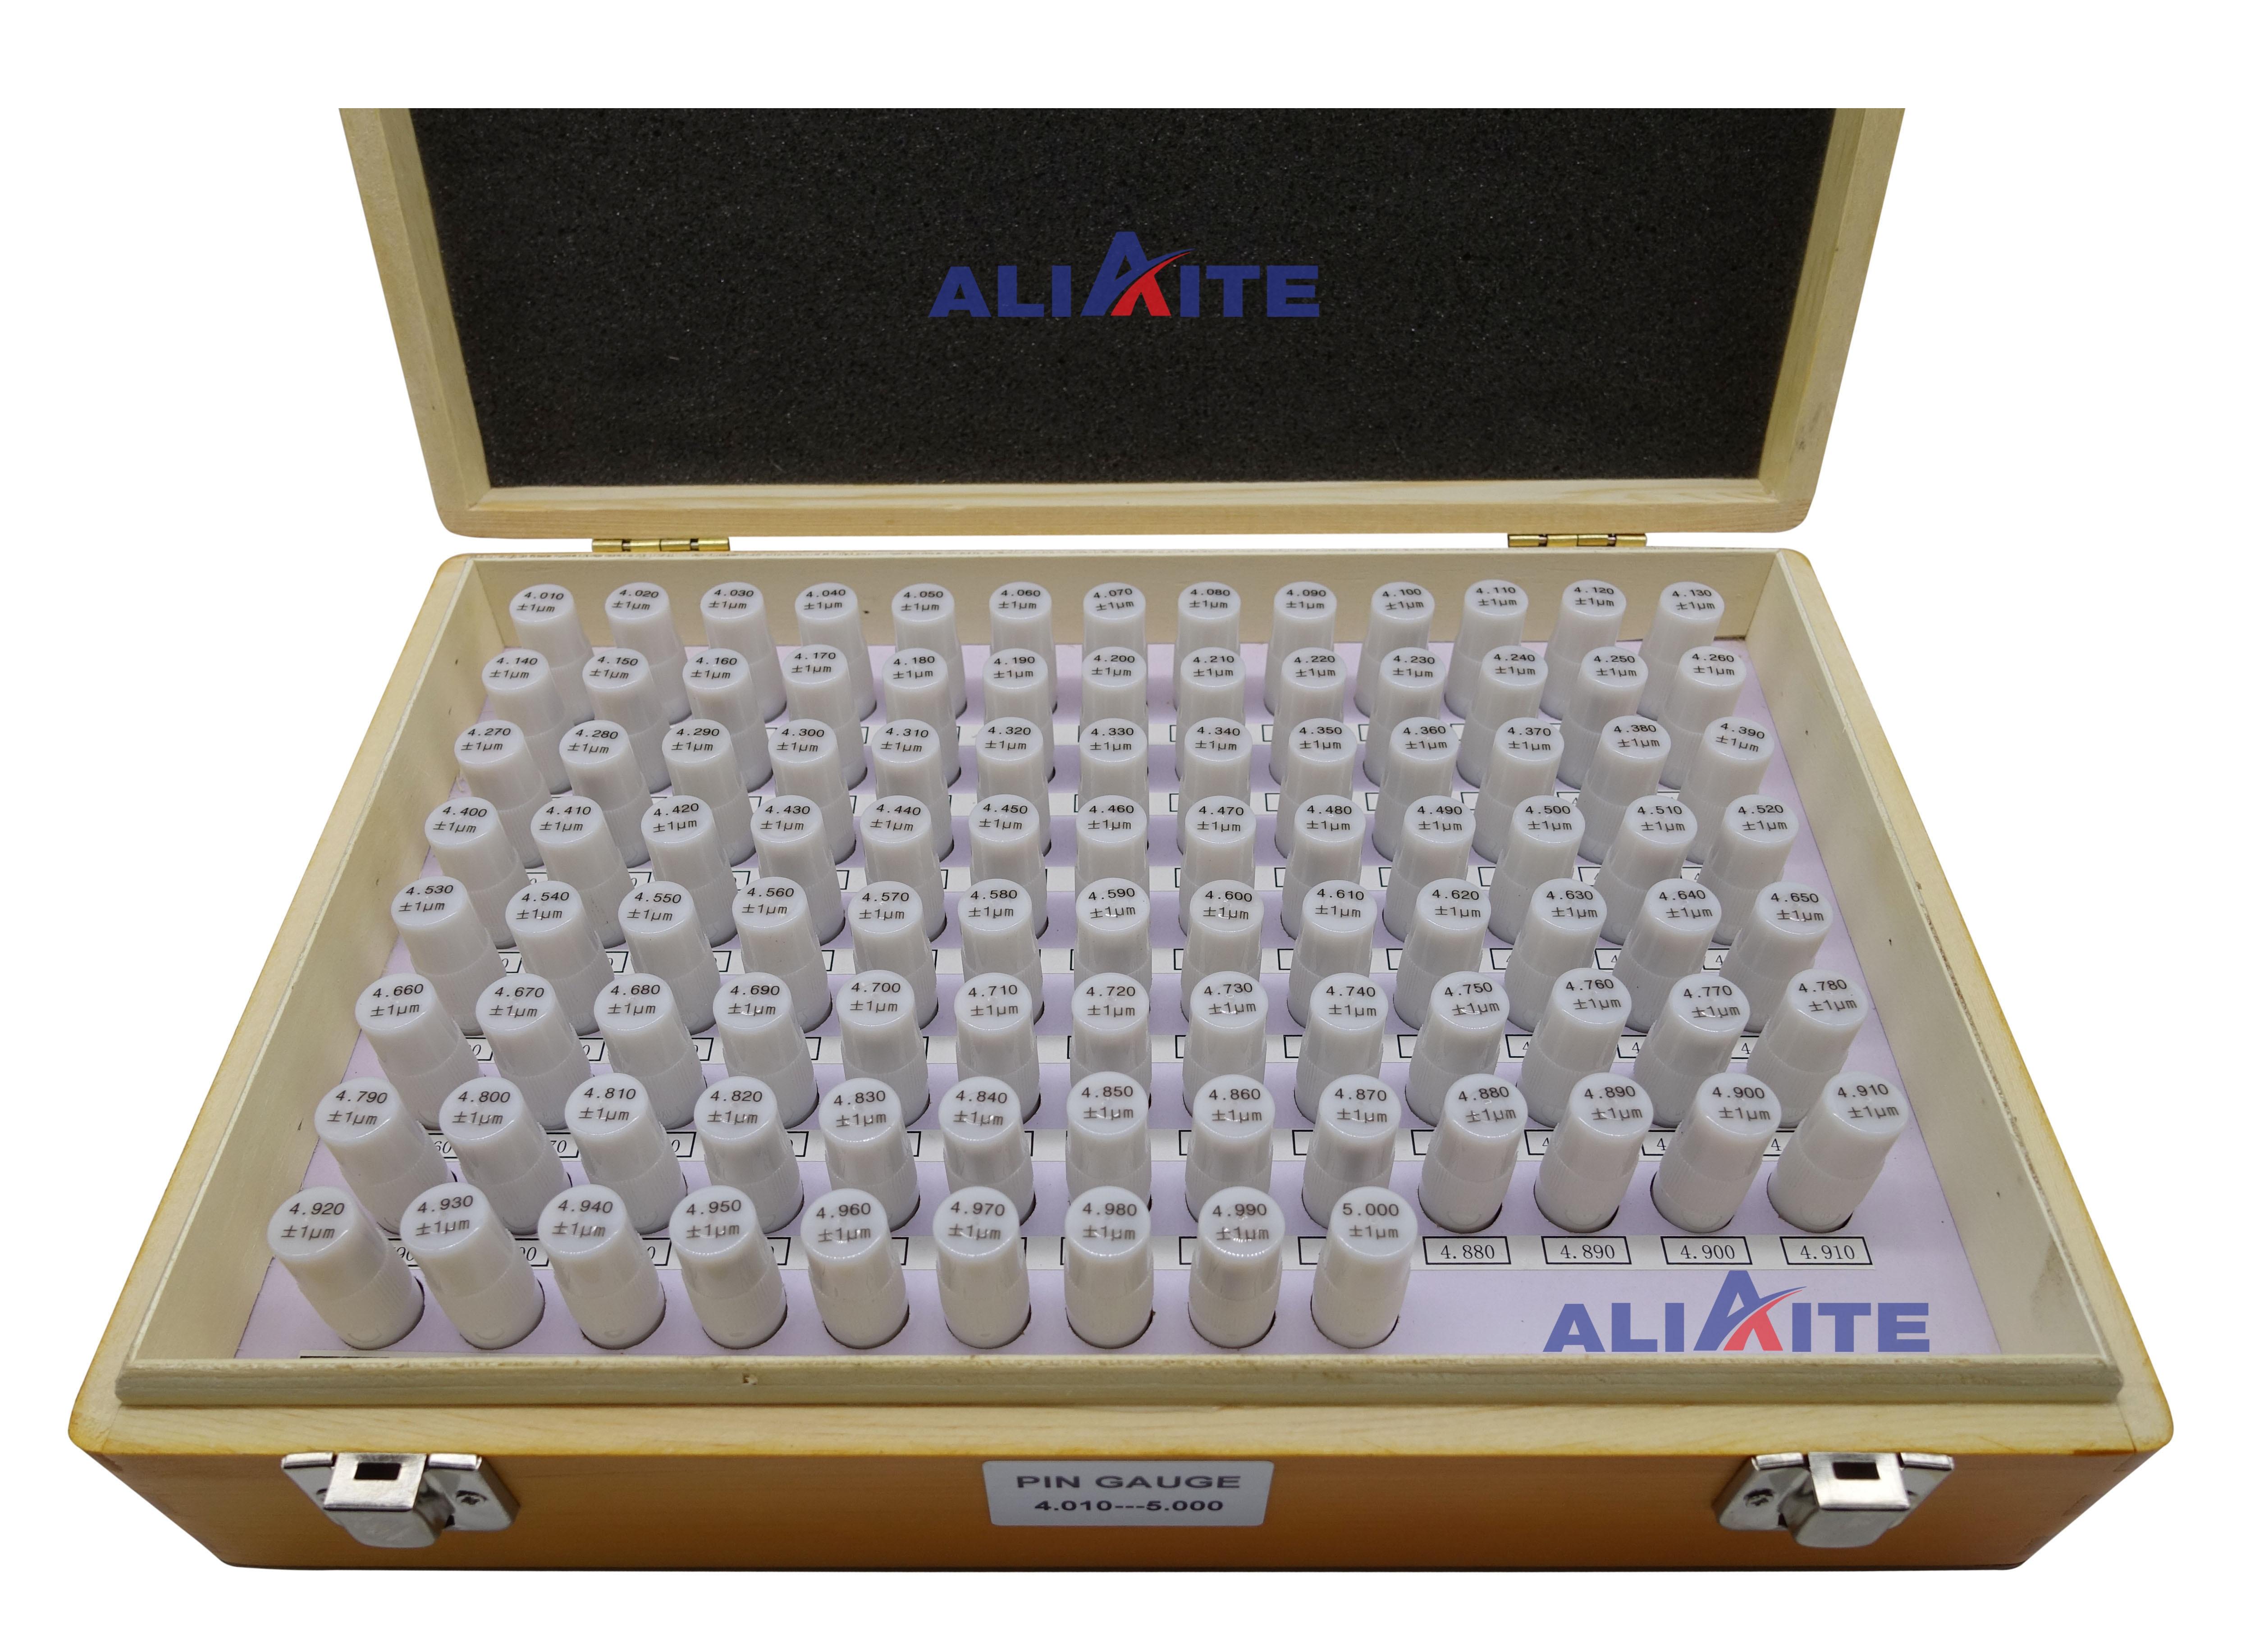 aliaite (passo: 0.01,100 pces)